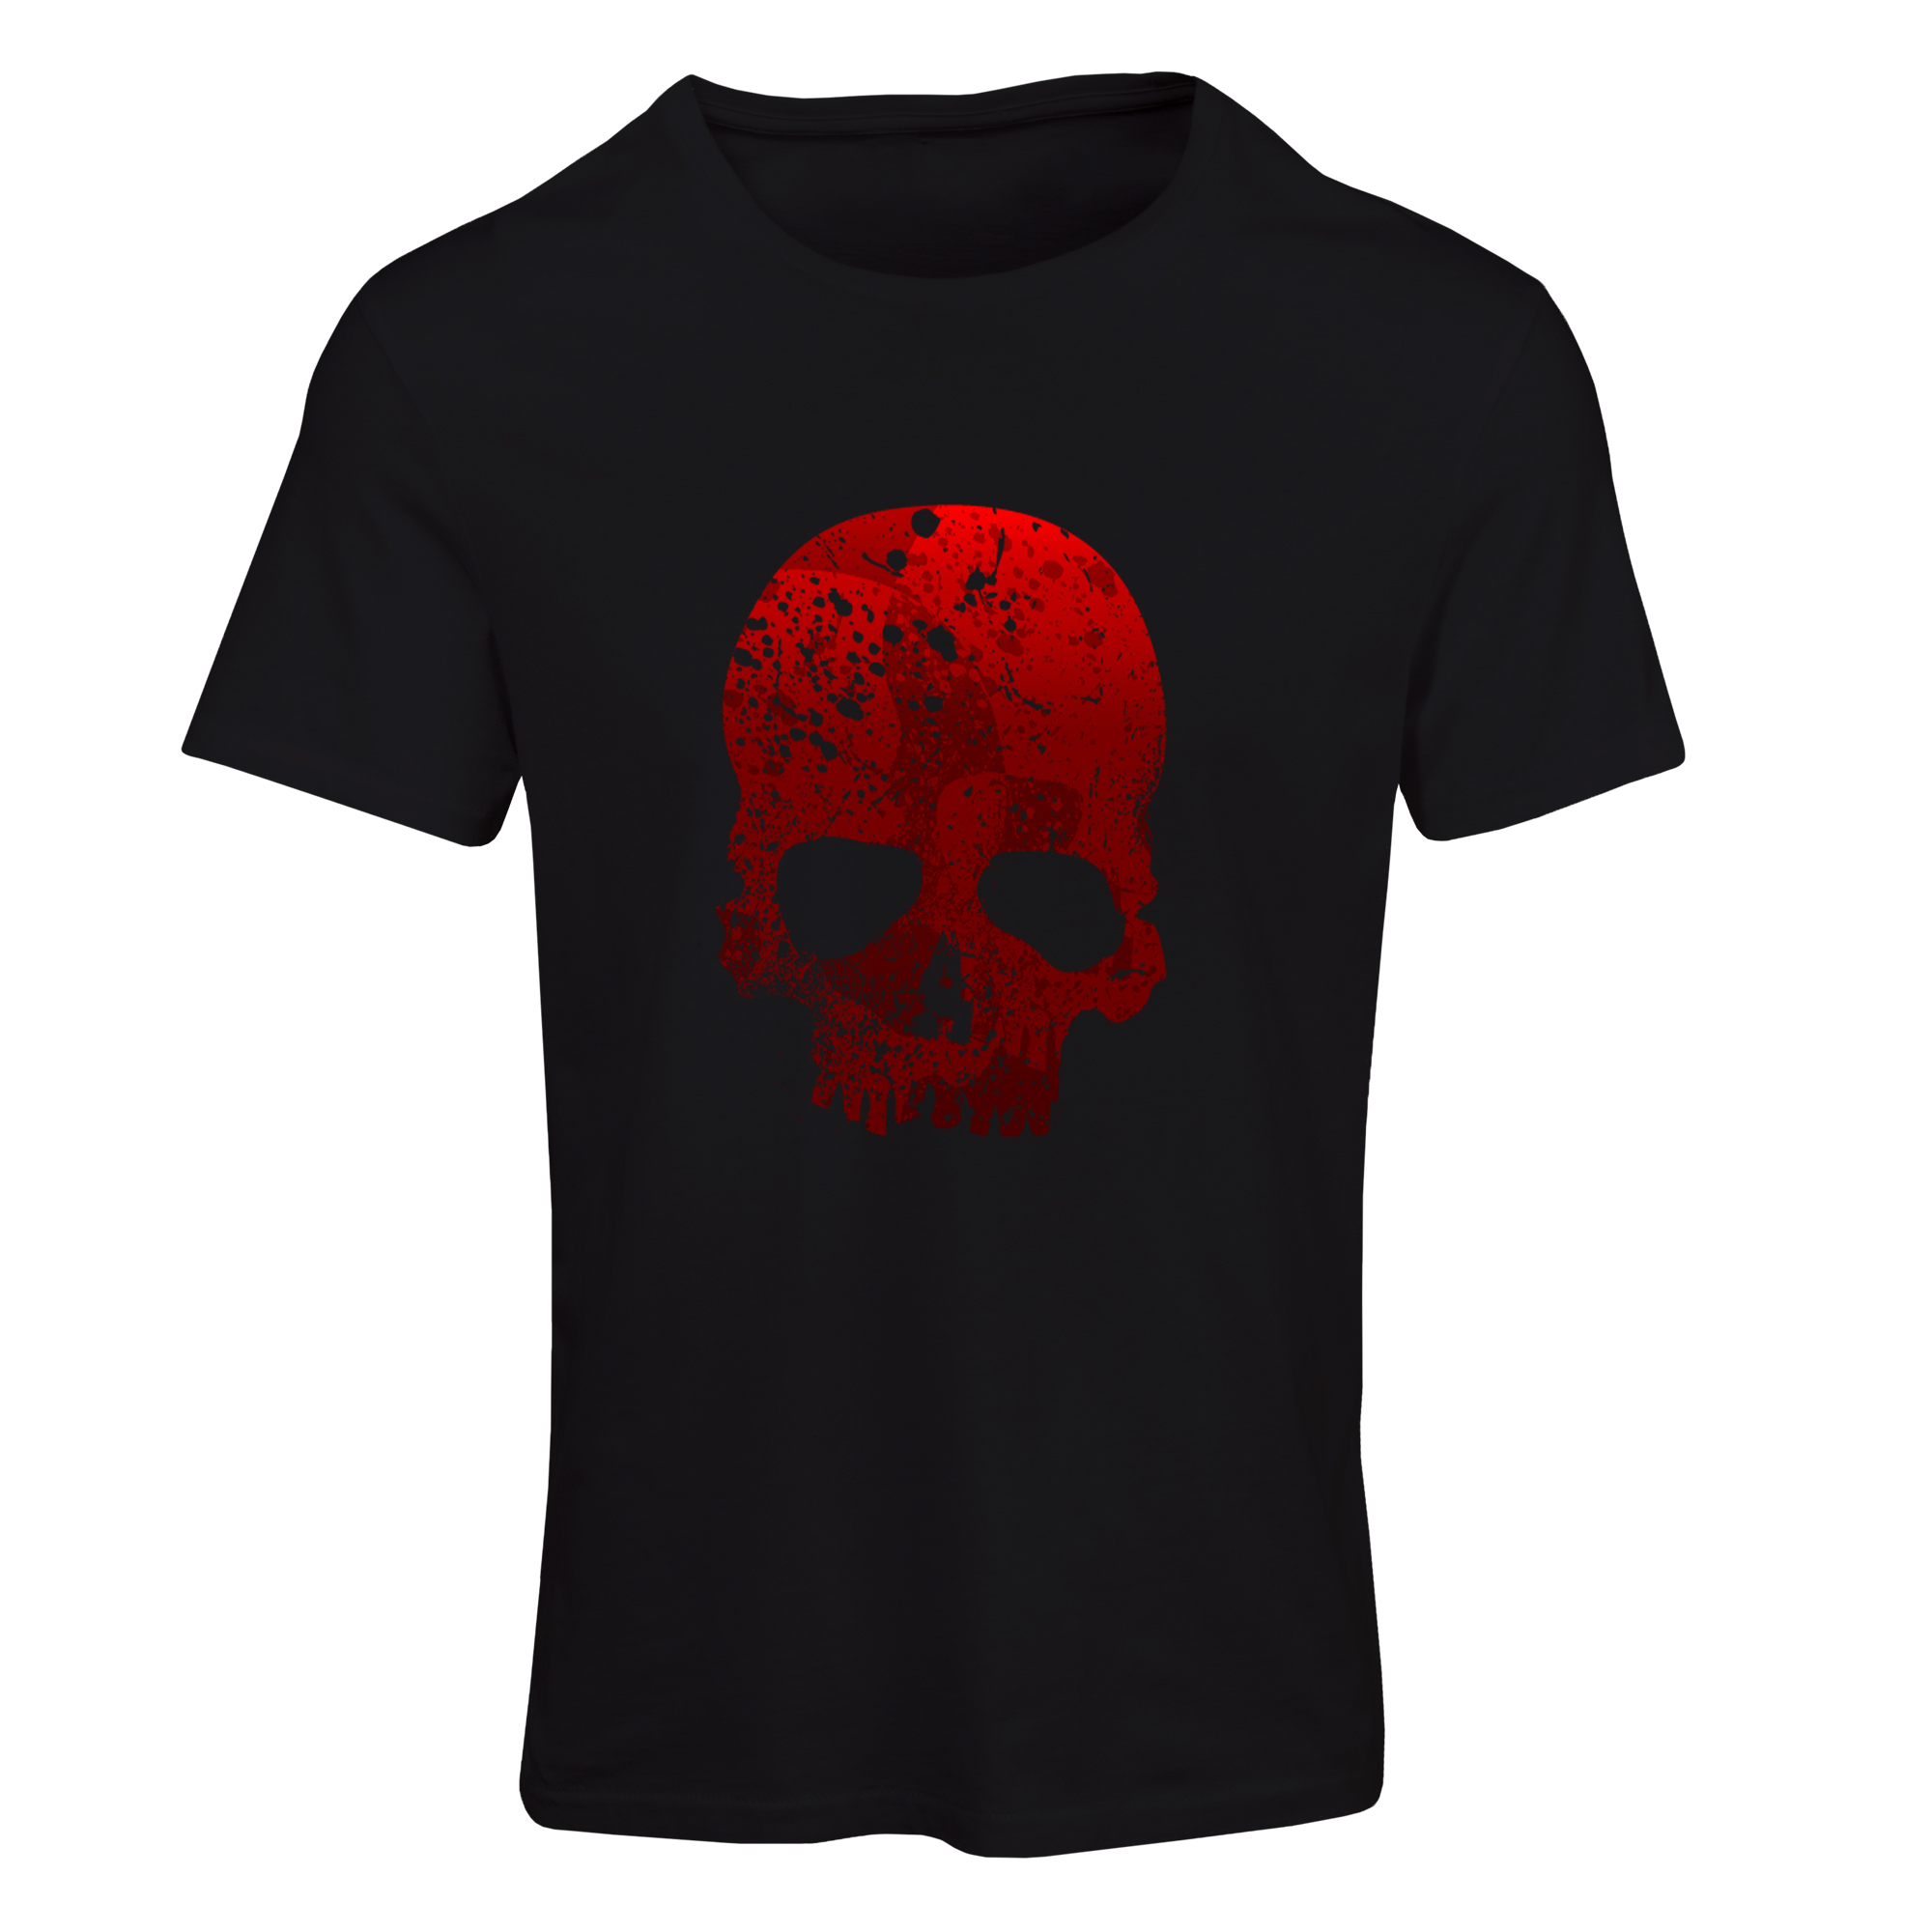 تیشرت آستین کوتاه مردانه طرح اسکلت کد SB198 رنگ مشکی